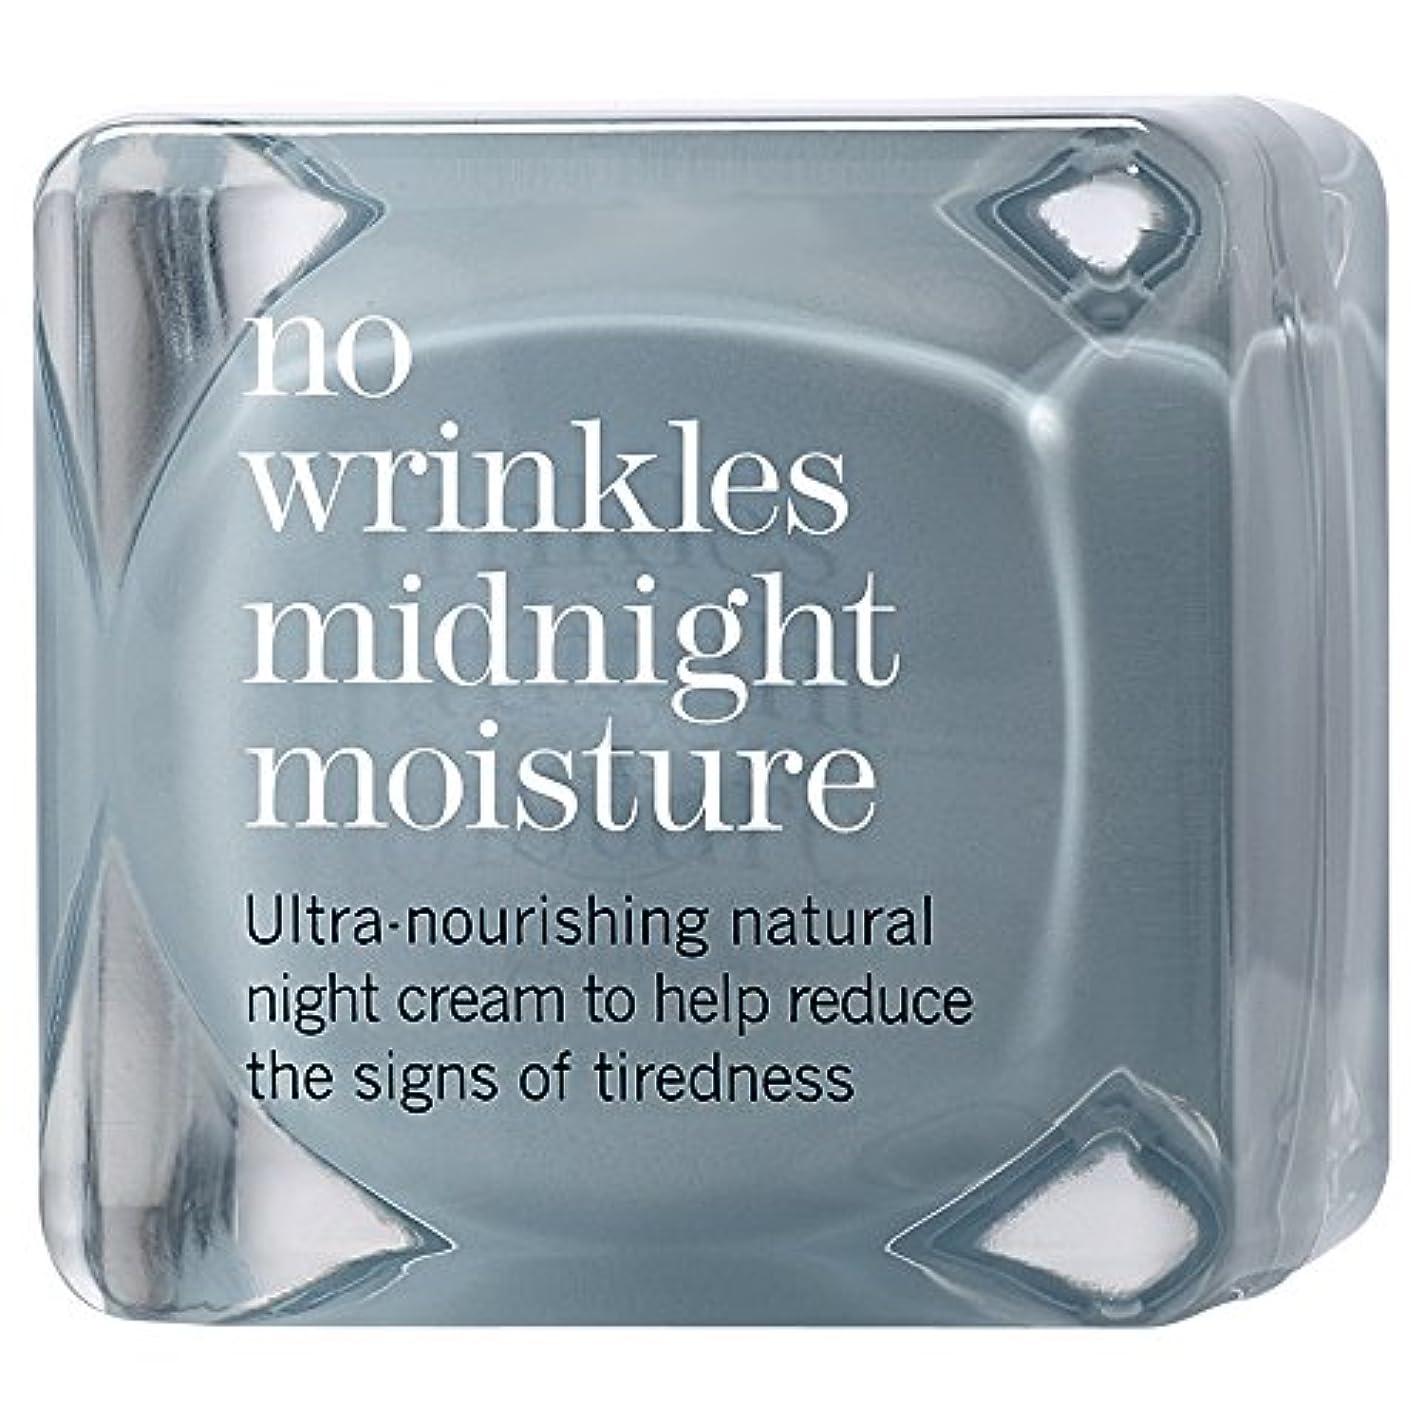 助言する沈黙信じられないこれにはしわ真夜中の水分48ミリリットルの作品はありません (This Works) (x6) - This Works No Wrinkles Midnight Moisture 48ml (Pack of 6) [並行輸入品]